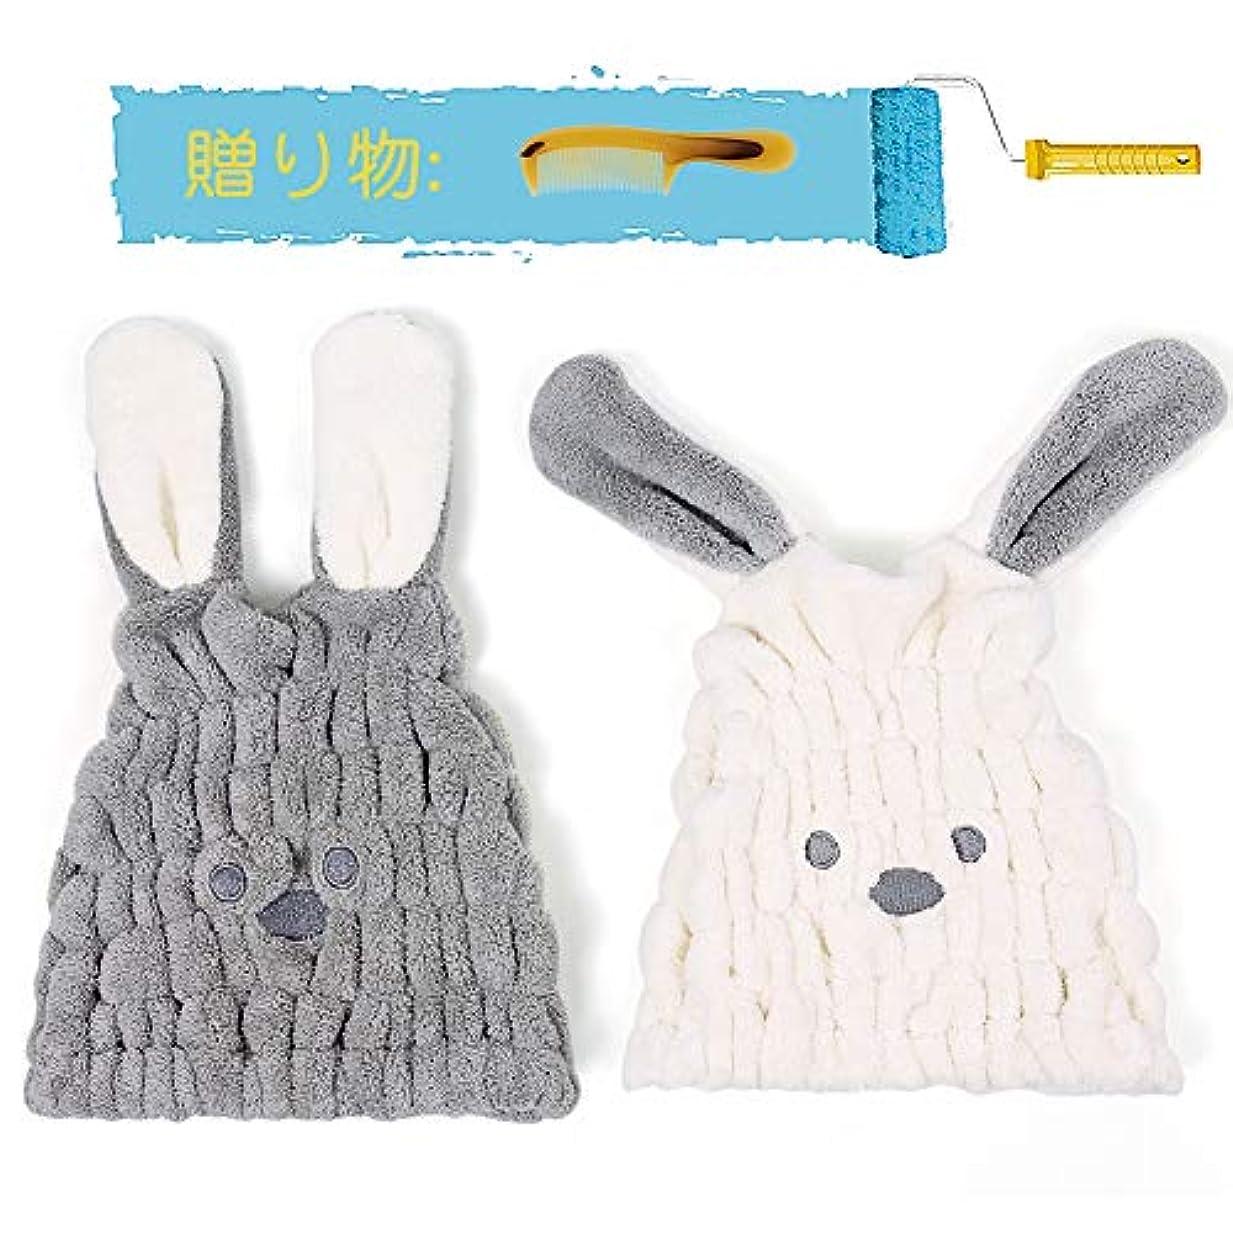 見込みメロドラマティックうがいWisptime シャワーキャップ ヘアドライタオル タオルキャップ 髪 吸水 速乾 ヘアキャップ タオル 大人 子供 お風呂上がり 風邪を防ぐ バス用品 ウサギ 2枚セット